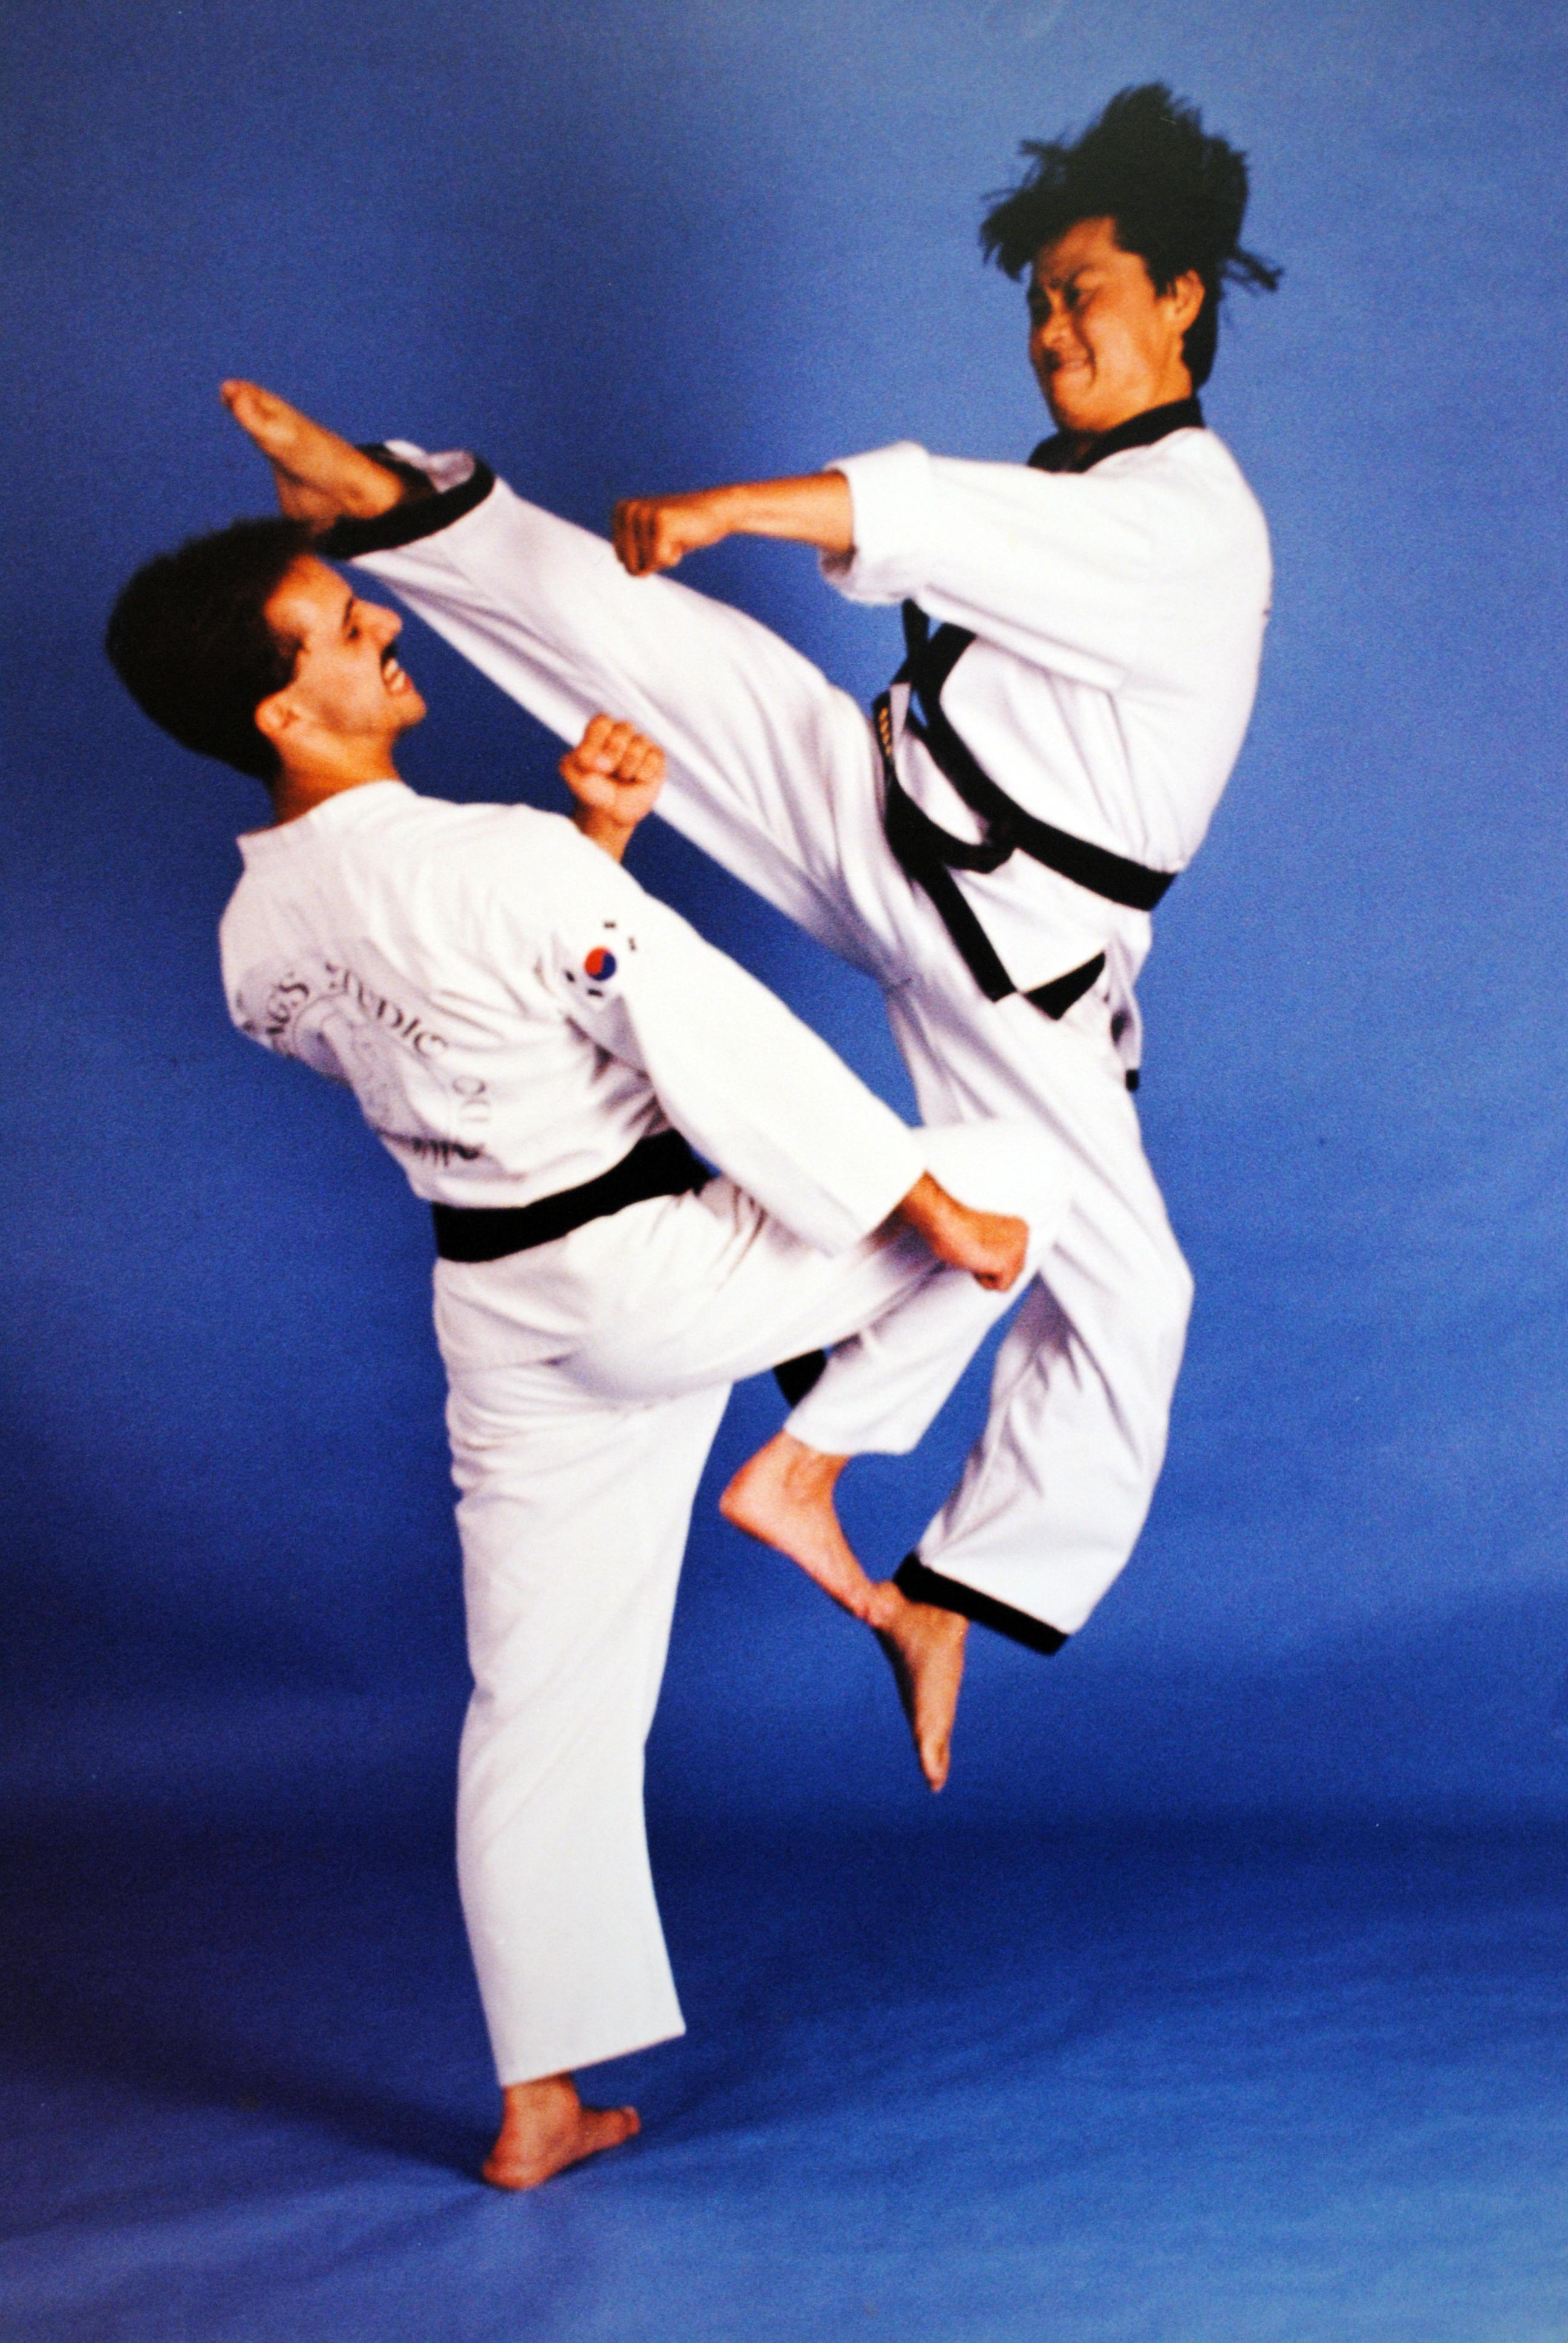 Dongs Karate School - Henrico, VA 23294 - (804)747-6166 | ShowMeLocal.com